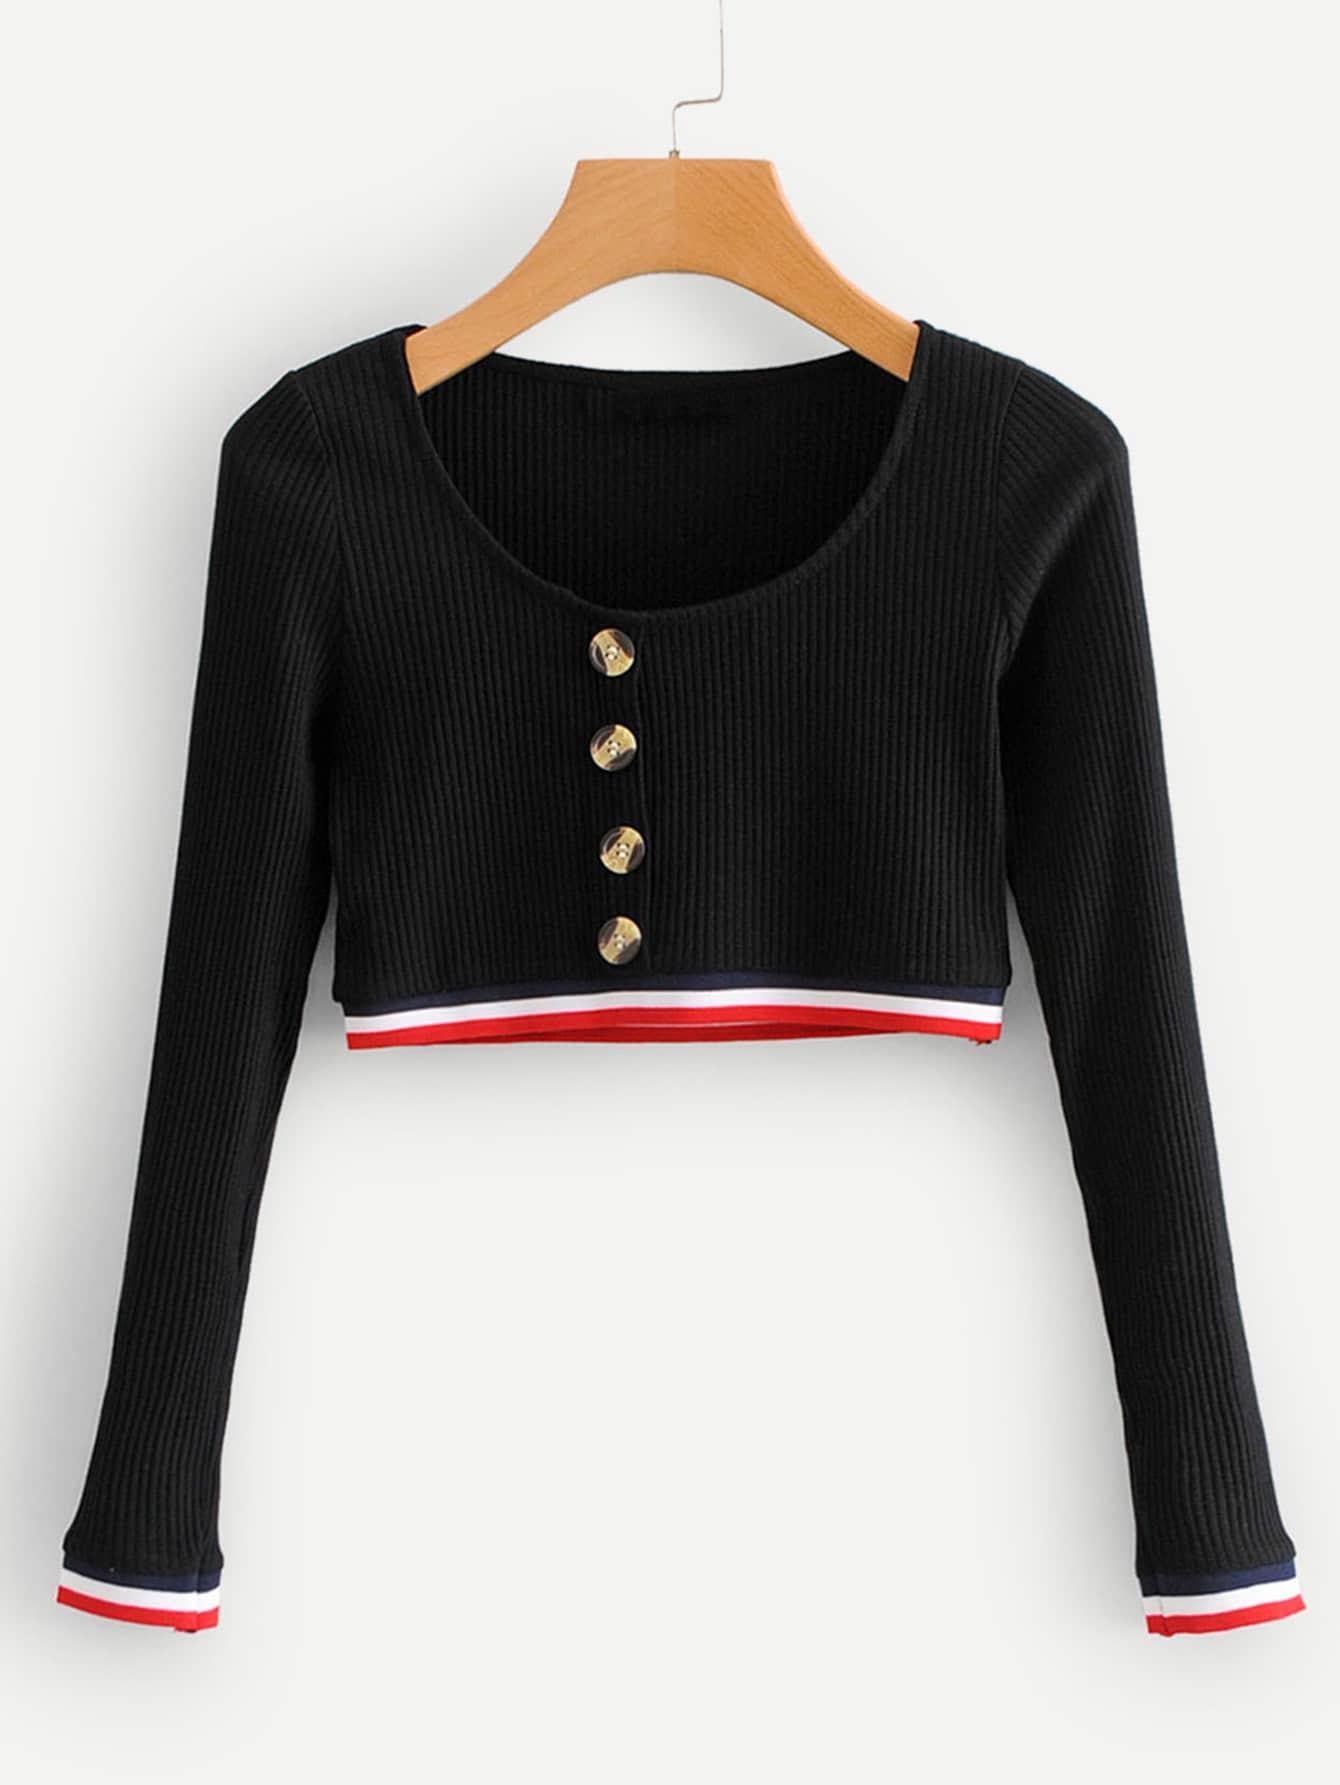 Купить Кроп-футболка с рельефными узорами со симметрическими полосатыми оторочками, null, SheIn